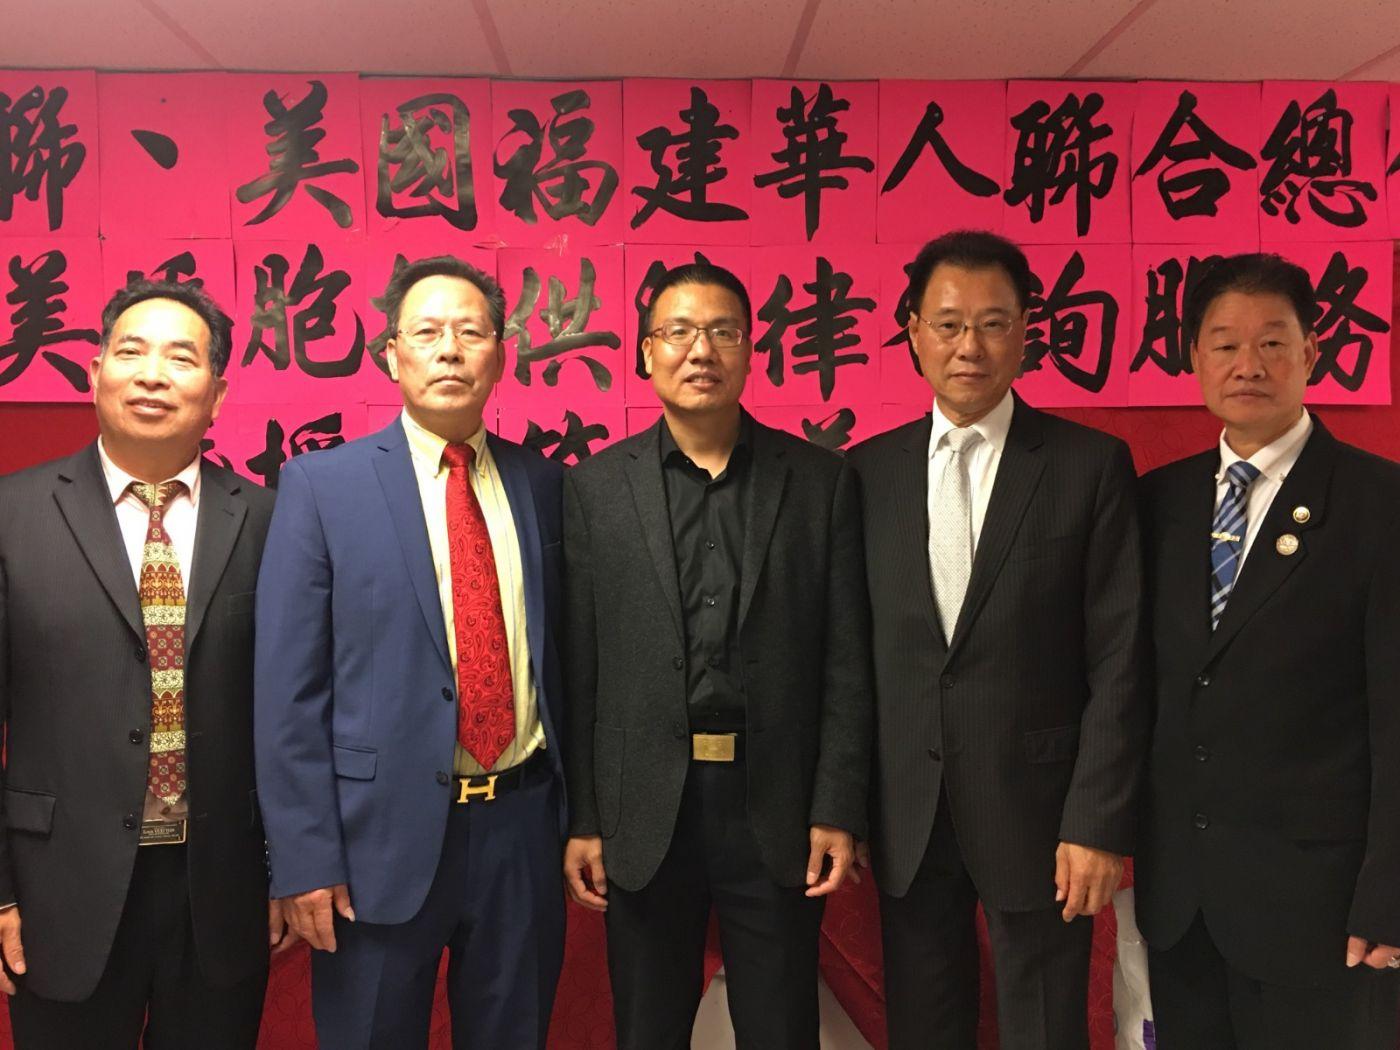 美国福建华人联合会欢迎福州市侨联主席蓝桂兰访美代表团一行 ... ..._图1-19